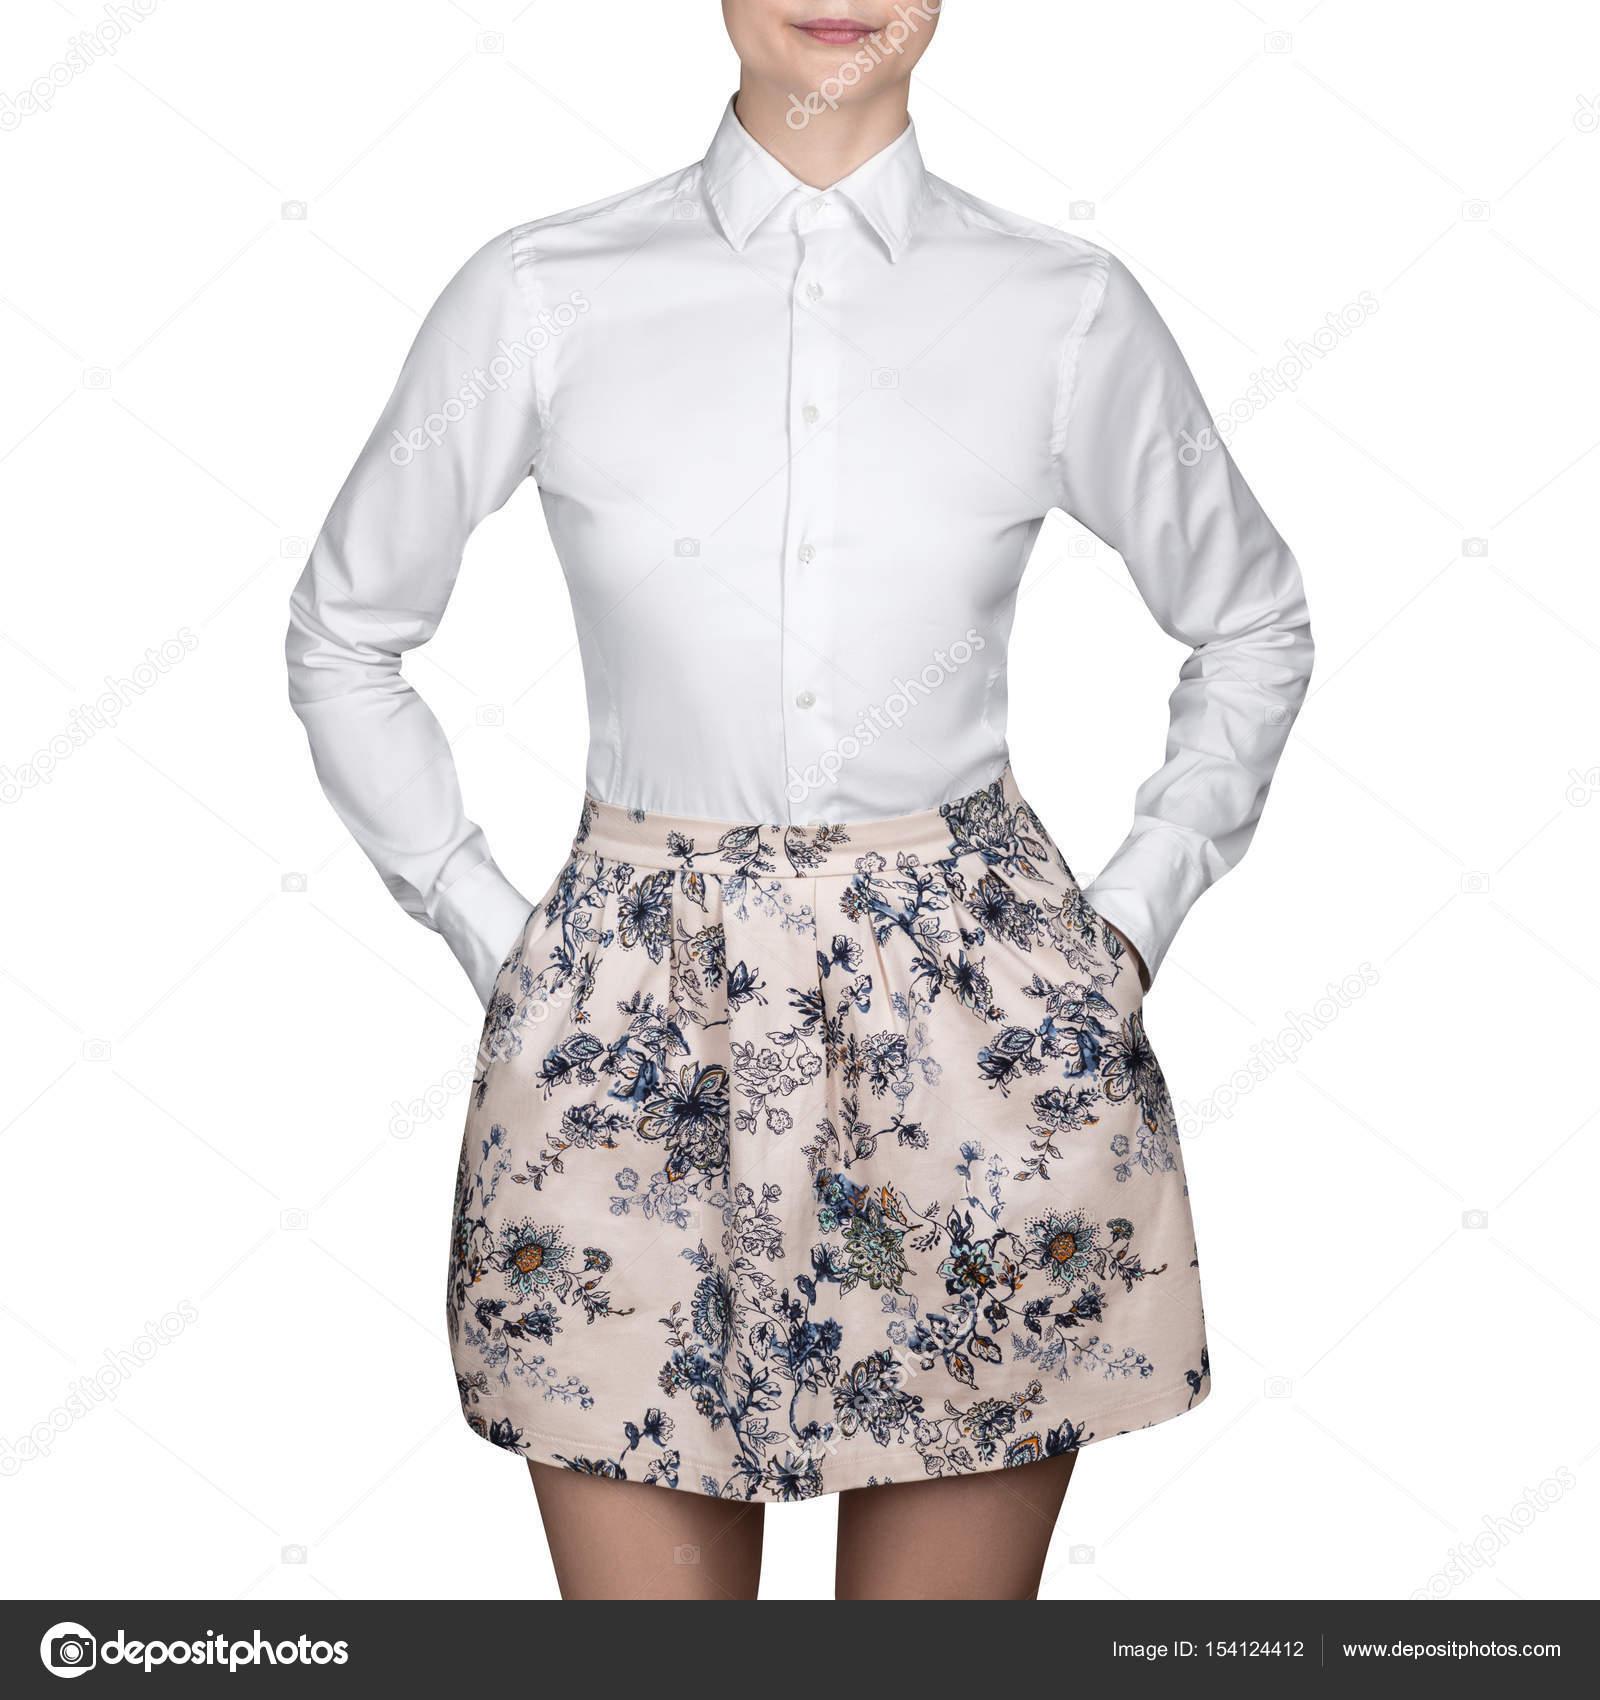 weißes hemd mädchen